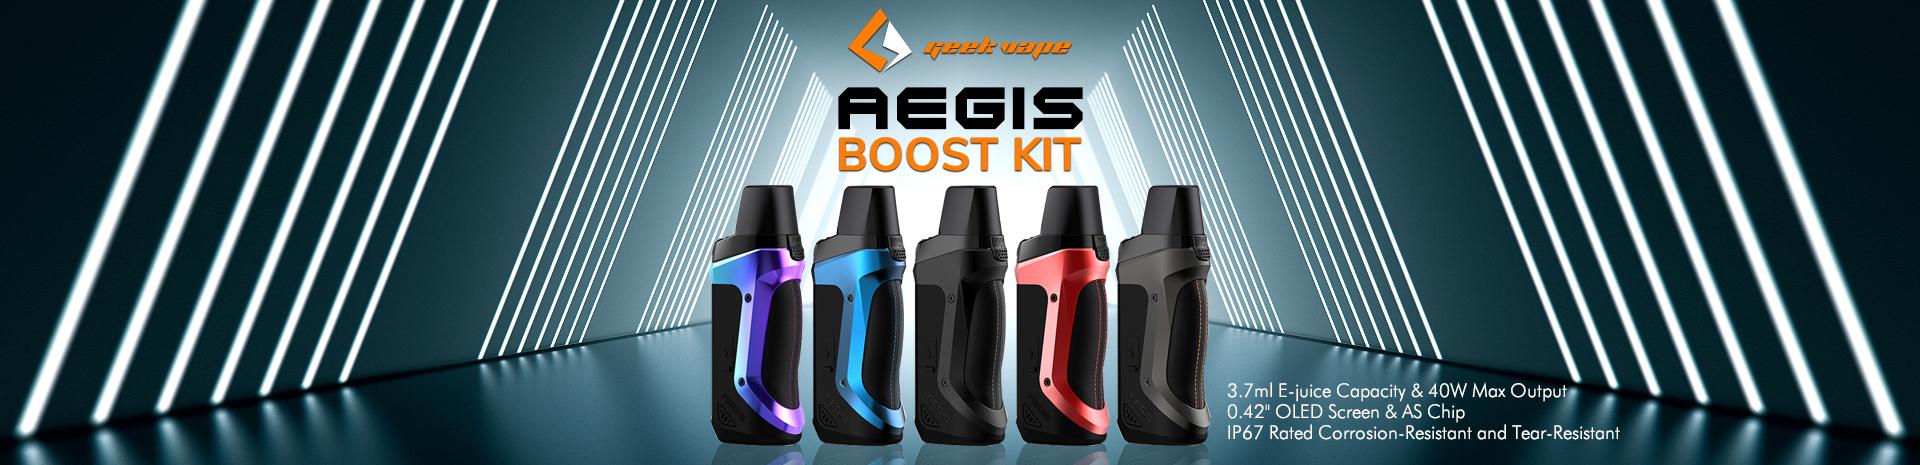 geekvape-aegis-boost-pod-mod-kit